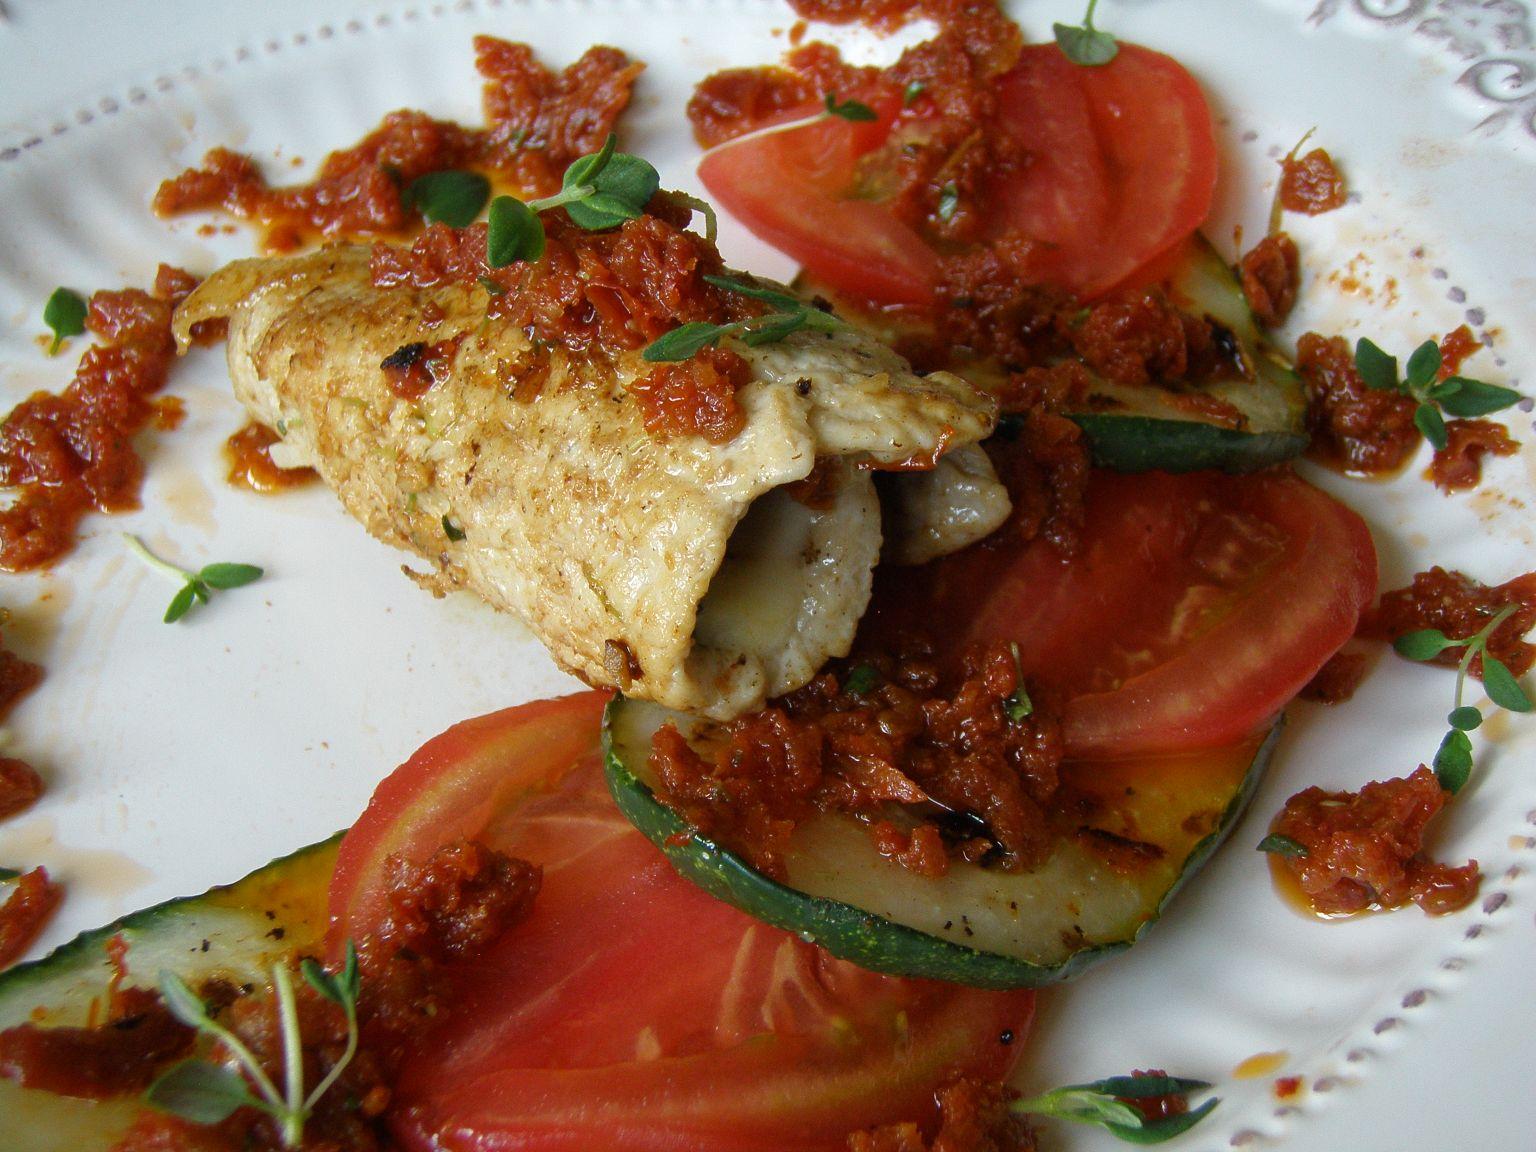 Marynowany Schab Z Mozzarellą Kuchnia Lidla Kuchenny Bałagan